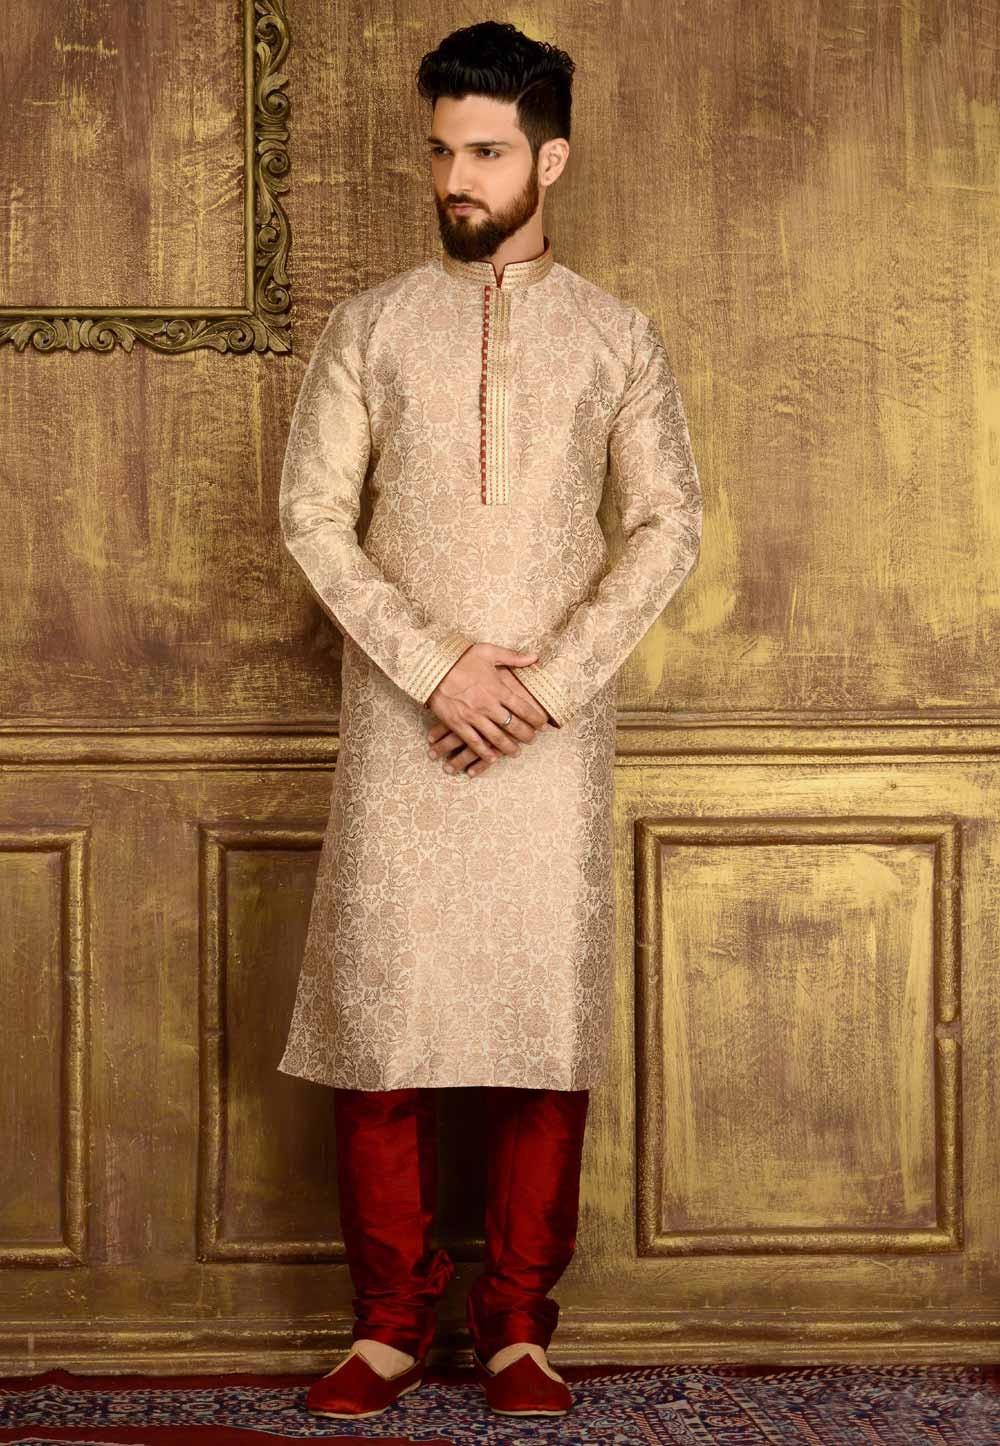 Men's Exquisite Gold Color Jacquard,Banarasi Silk Readymade Kurta Pajama.